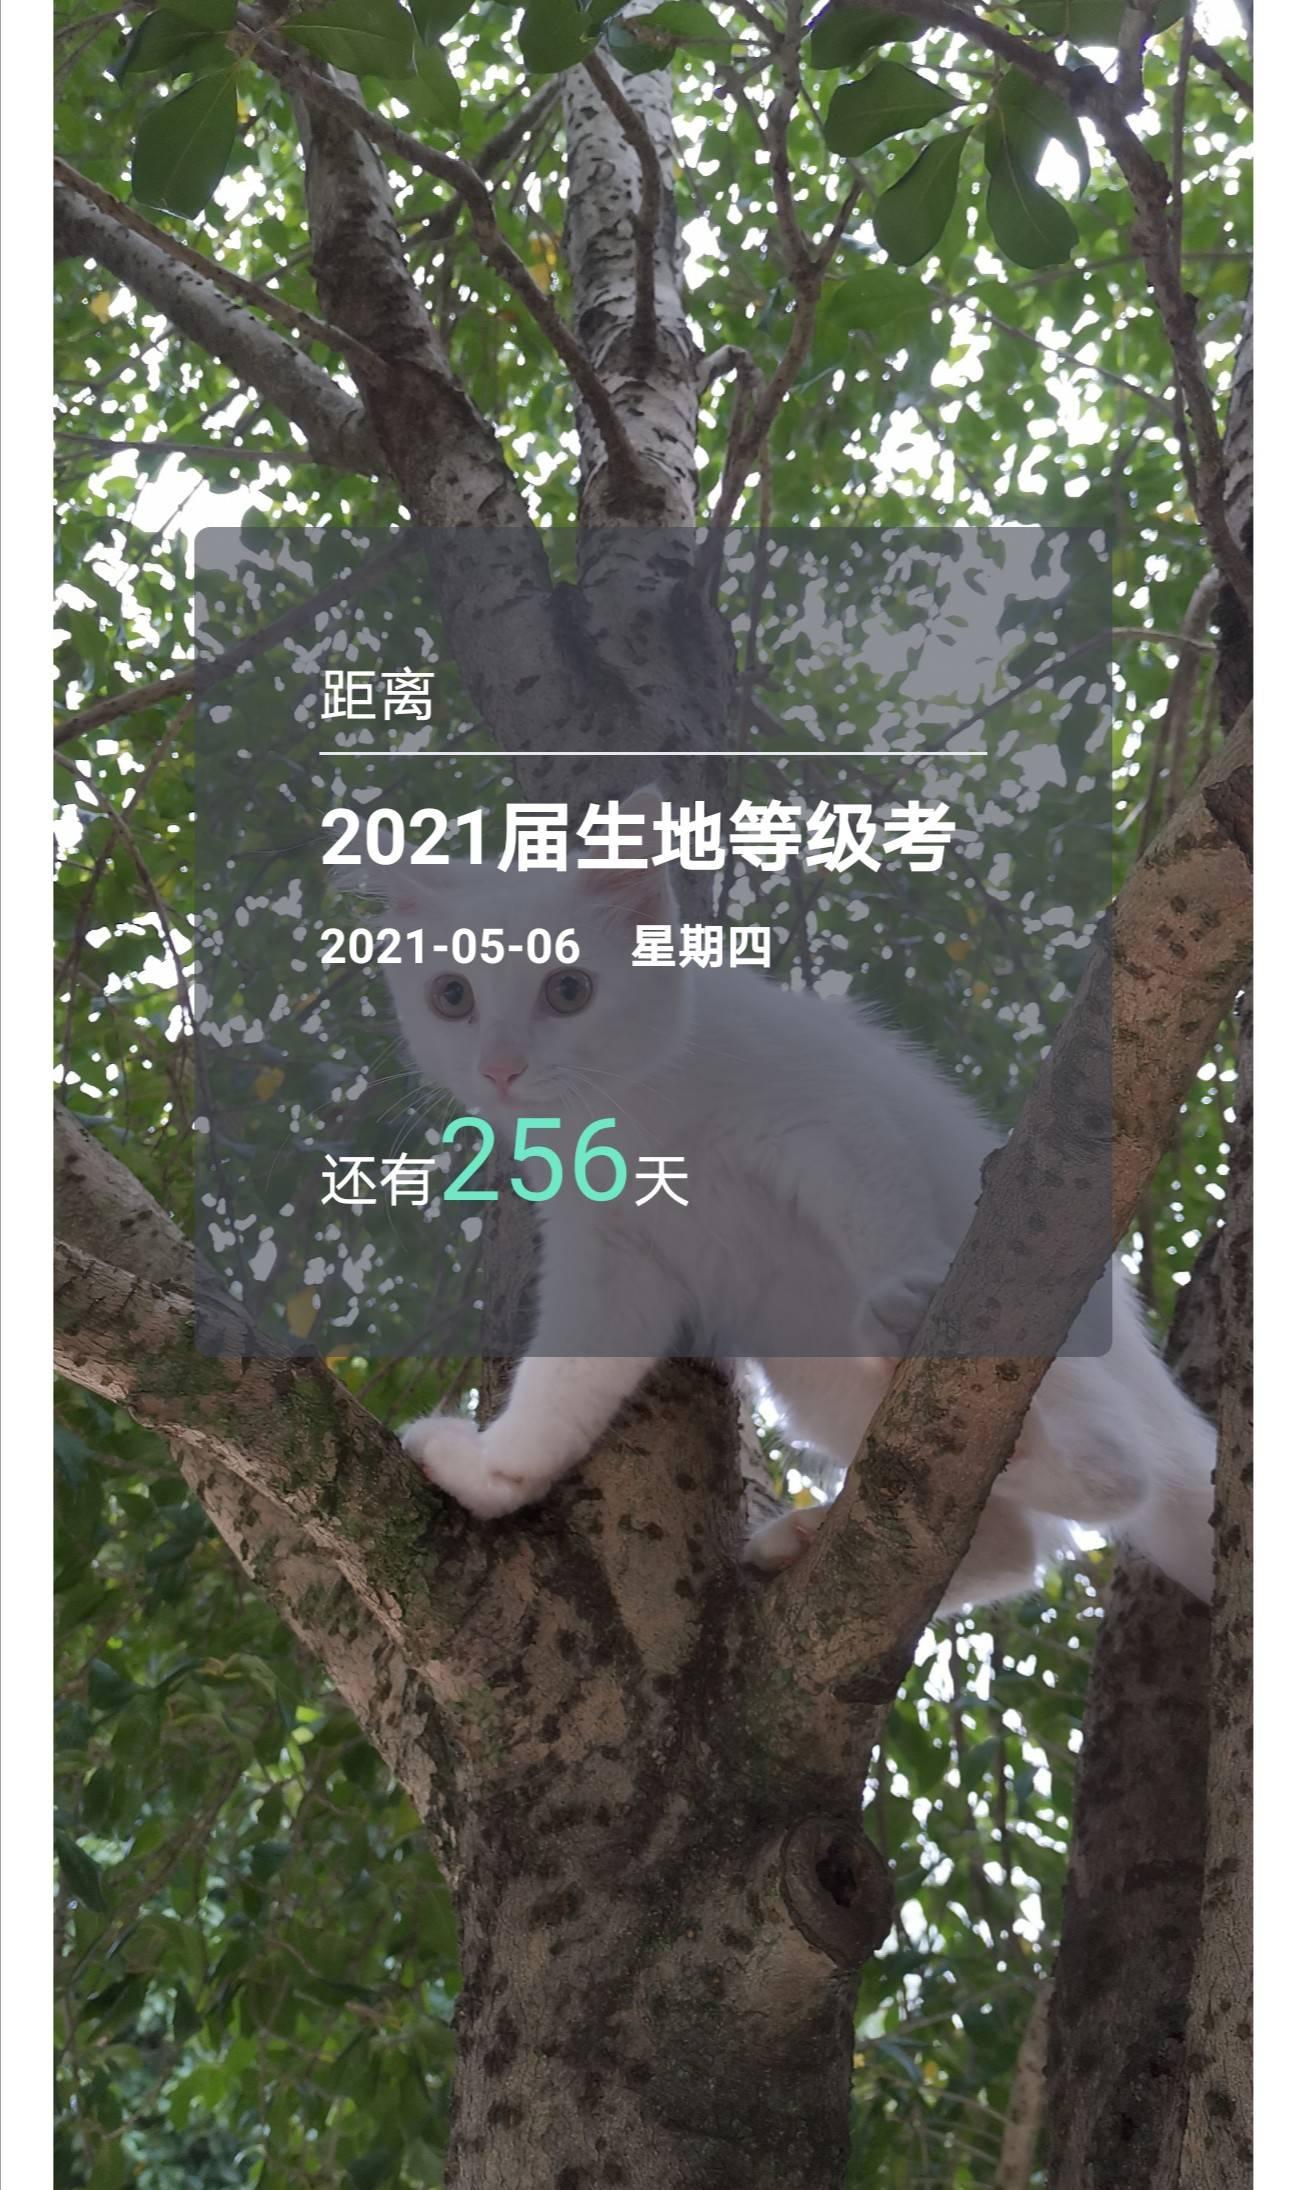 2020-08-23 07.38.12.jpg